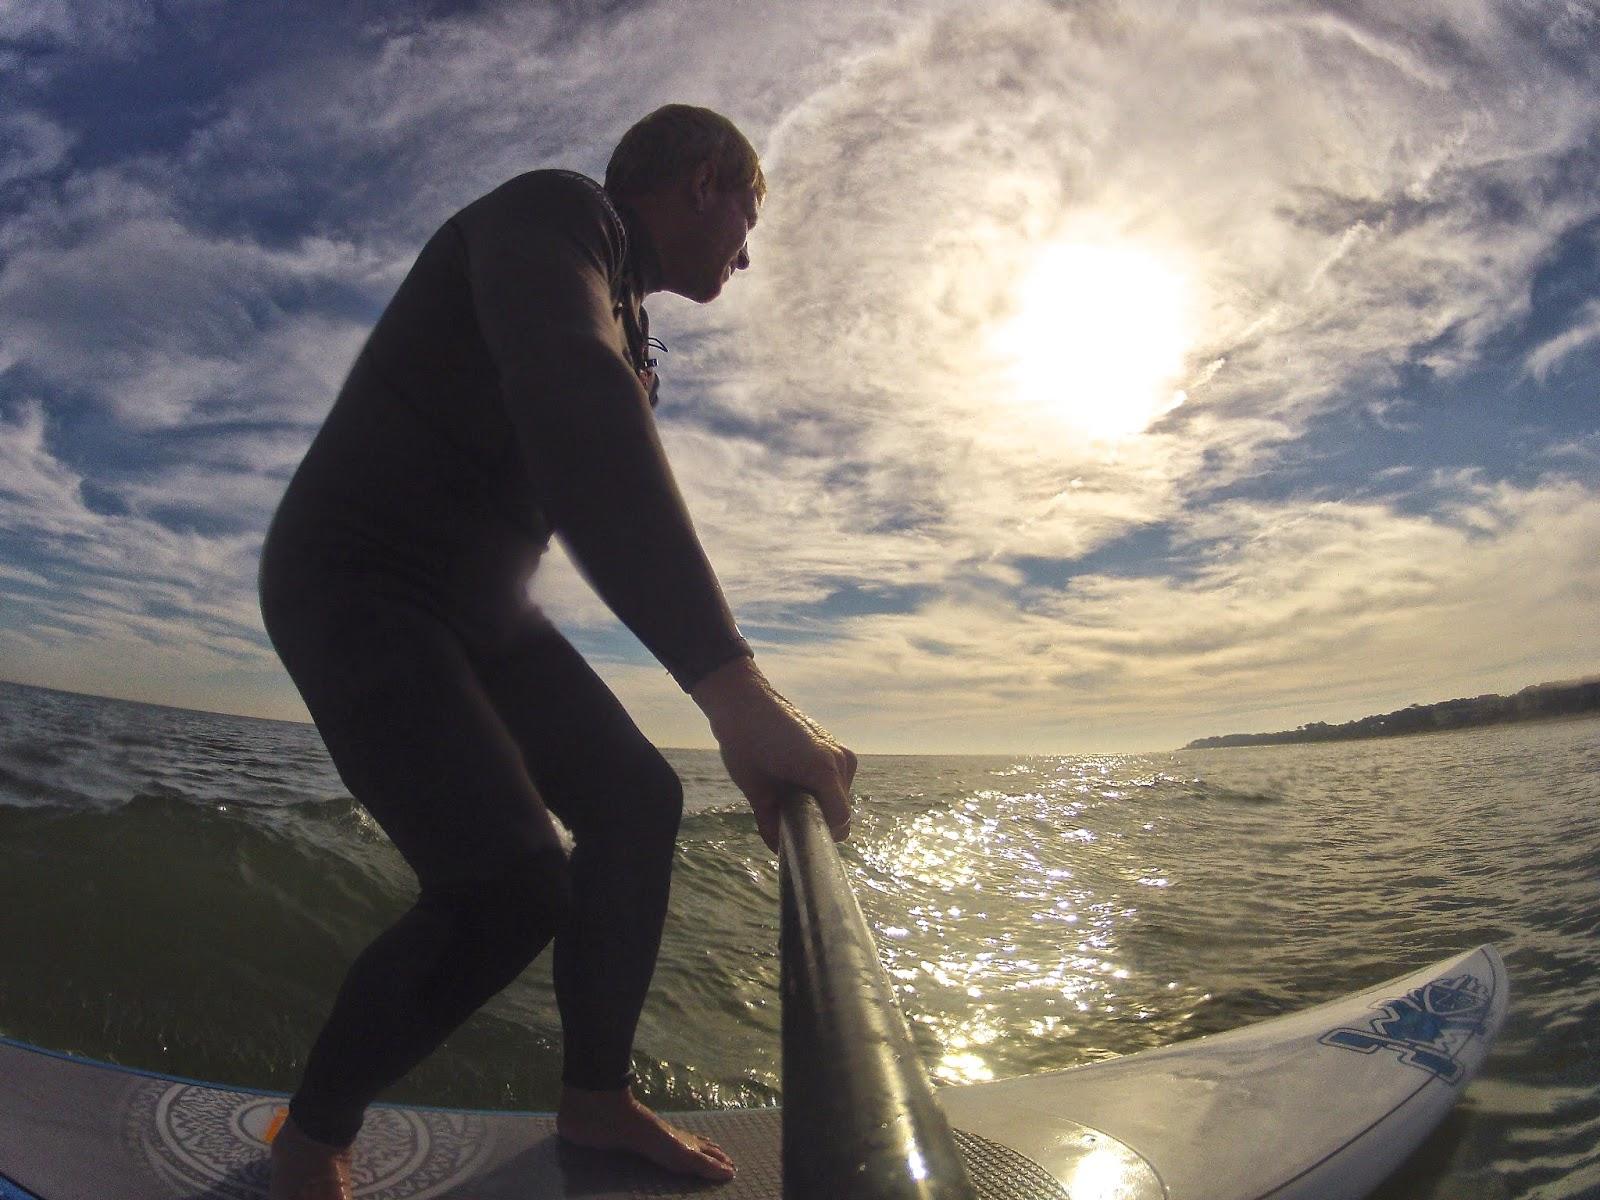 atlantic paddle surfing starboard freeride